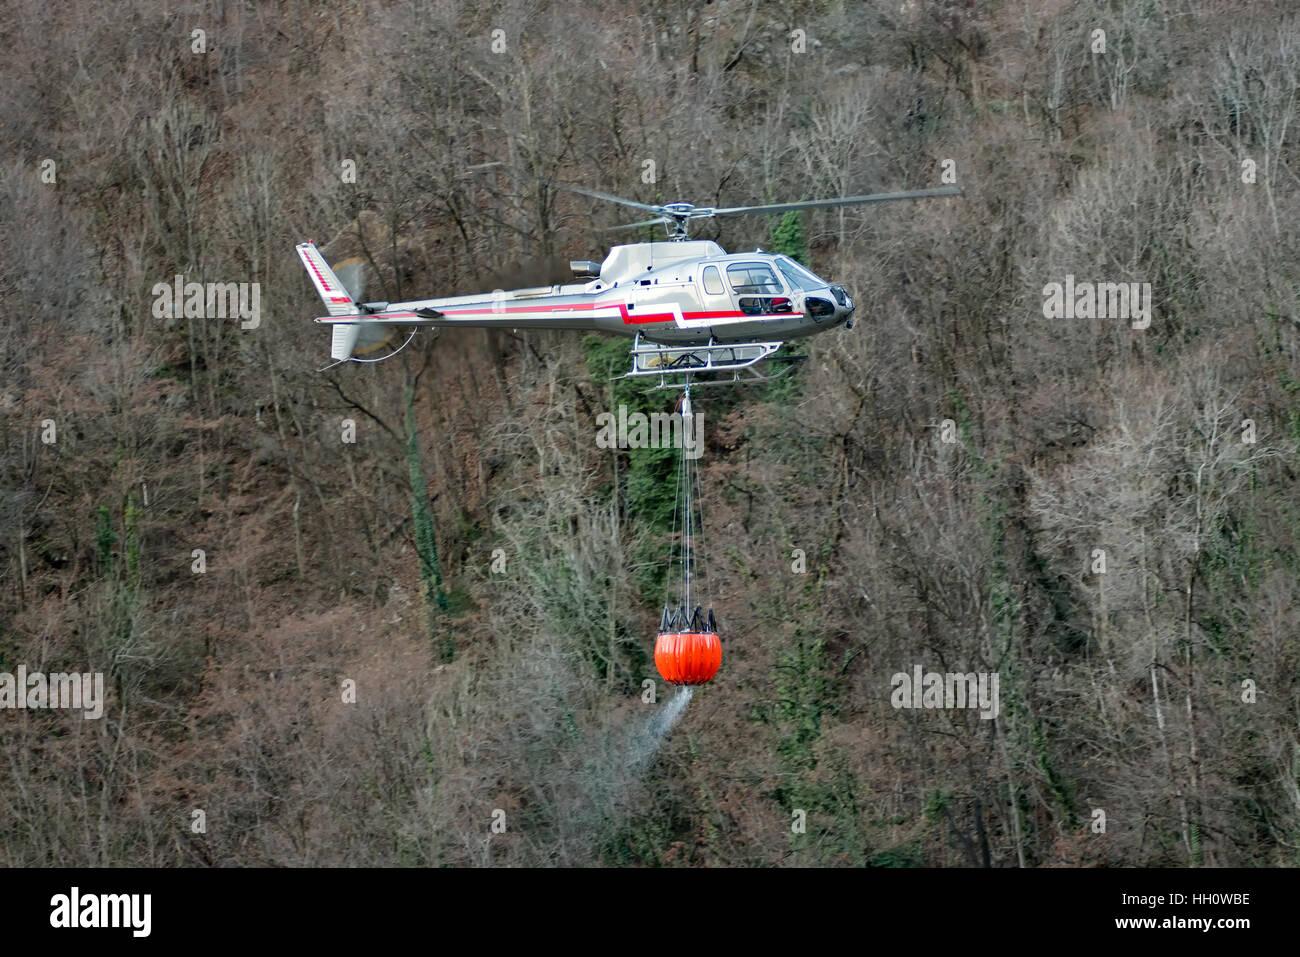 Elicottero di trasportare un secchio pieno di acqua sospesa al di sotto del piano di giacitura in cui si combatte Immagini Stock